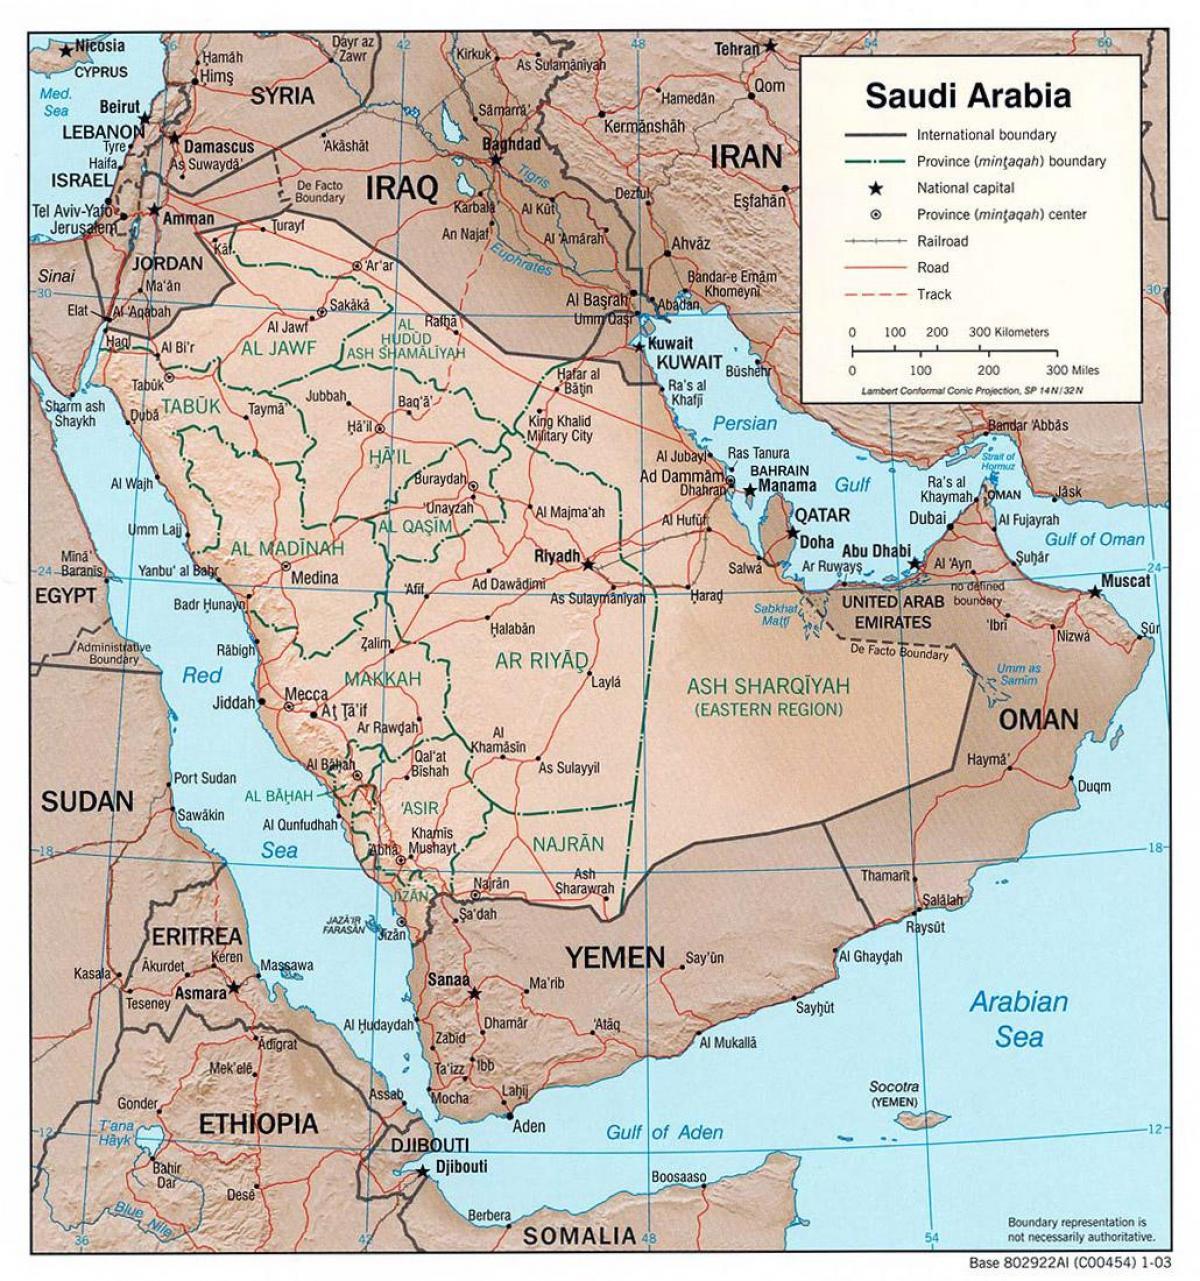 المملكة العربية السعودية خريطة المدن خريطة الطريق من المملكة العربية السعودية مع المدن برا غرب آسيا آسيا